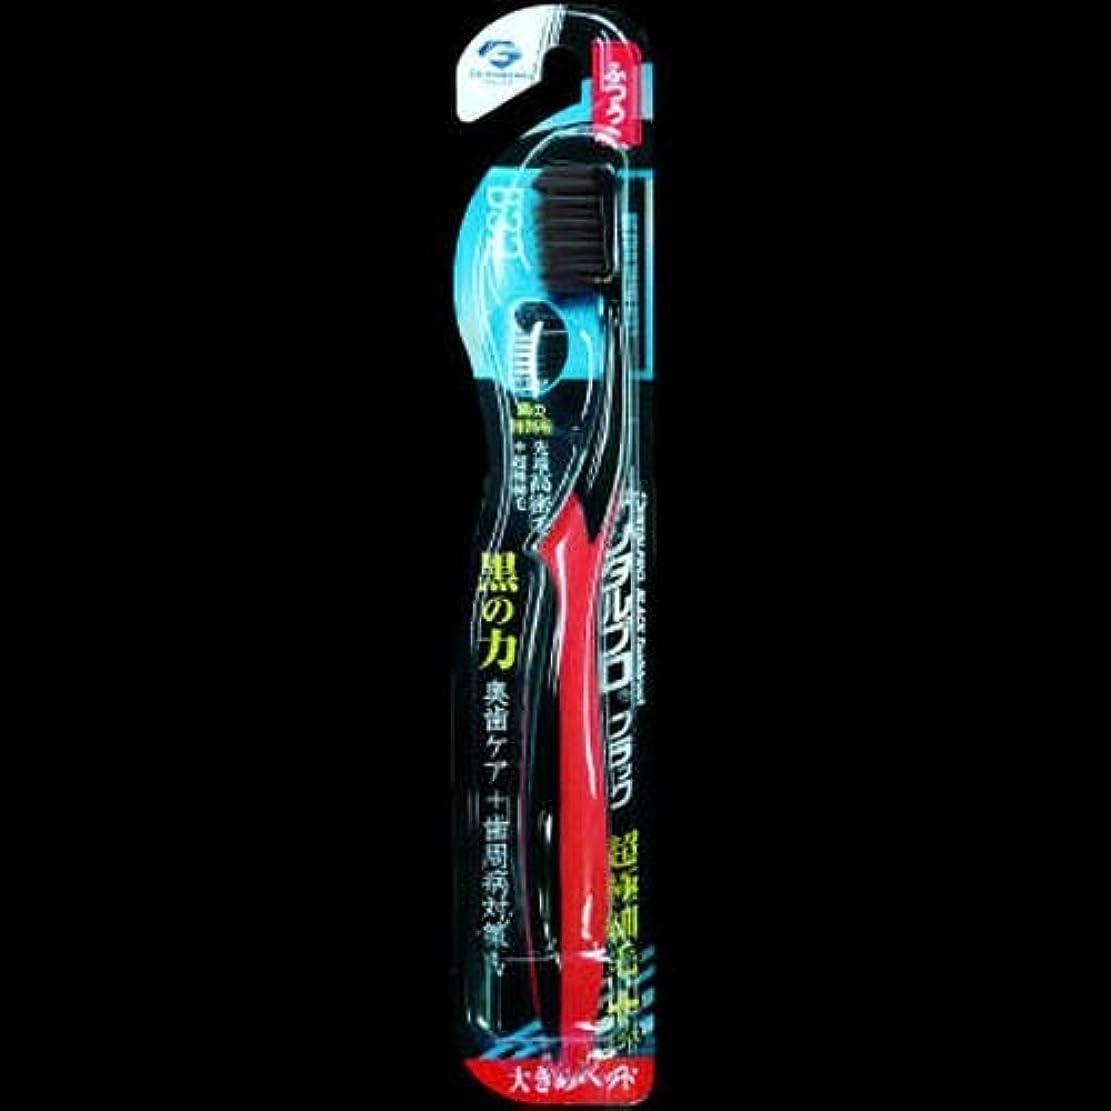 グラフィック形成起こりやすいデンタルプロ ブラック歯ブラシ 超極細毛プラス大きめヘッド ふつう ×2セット